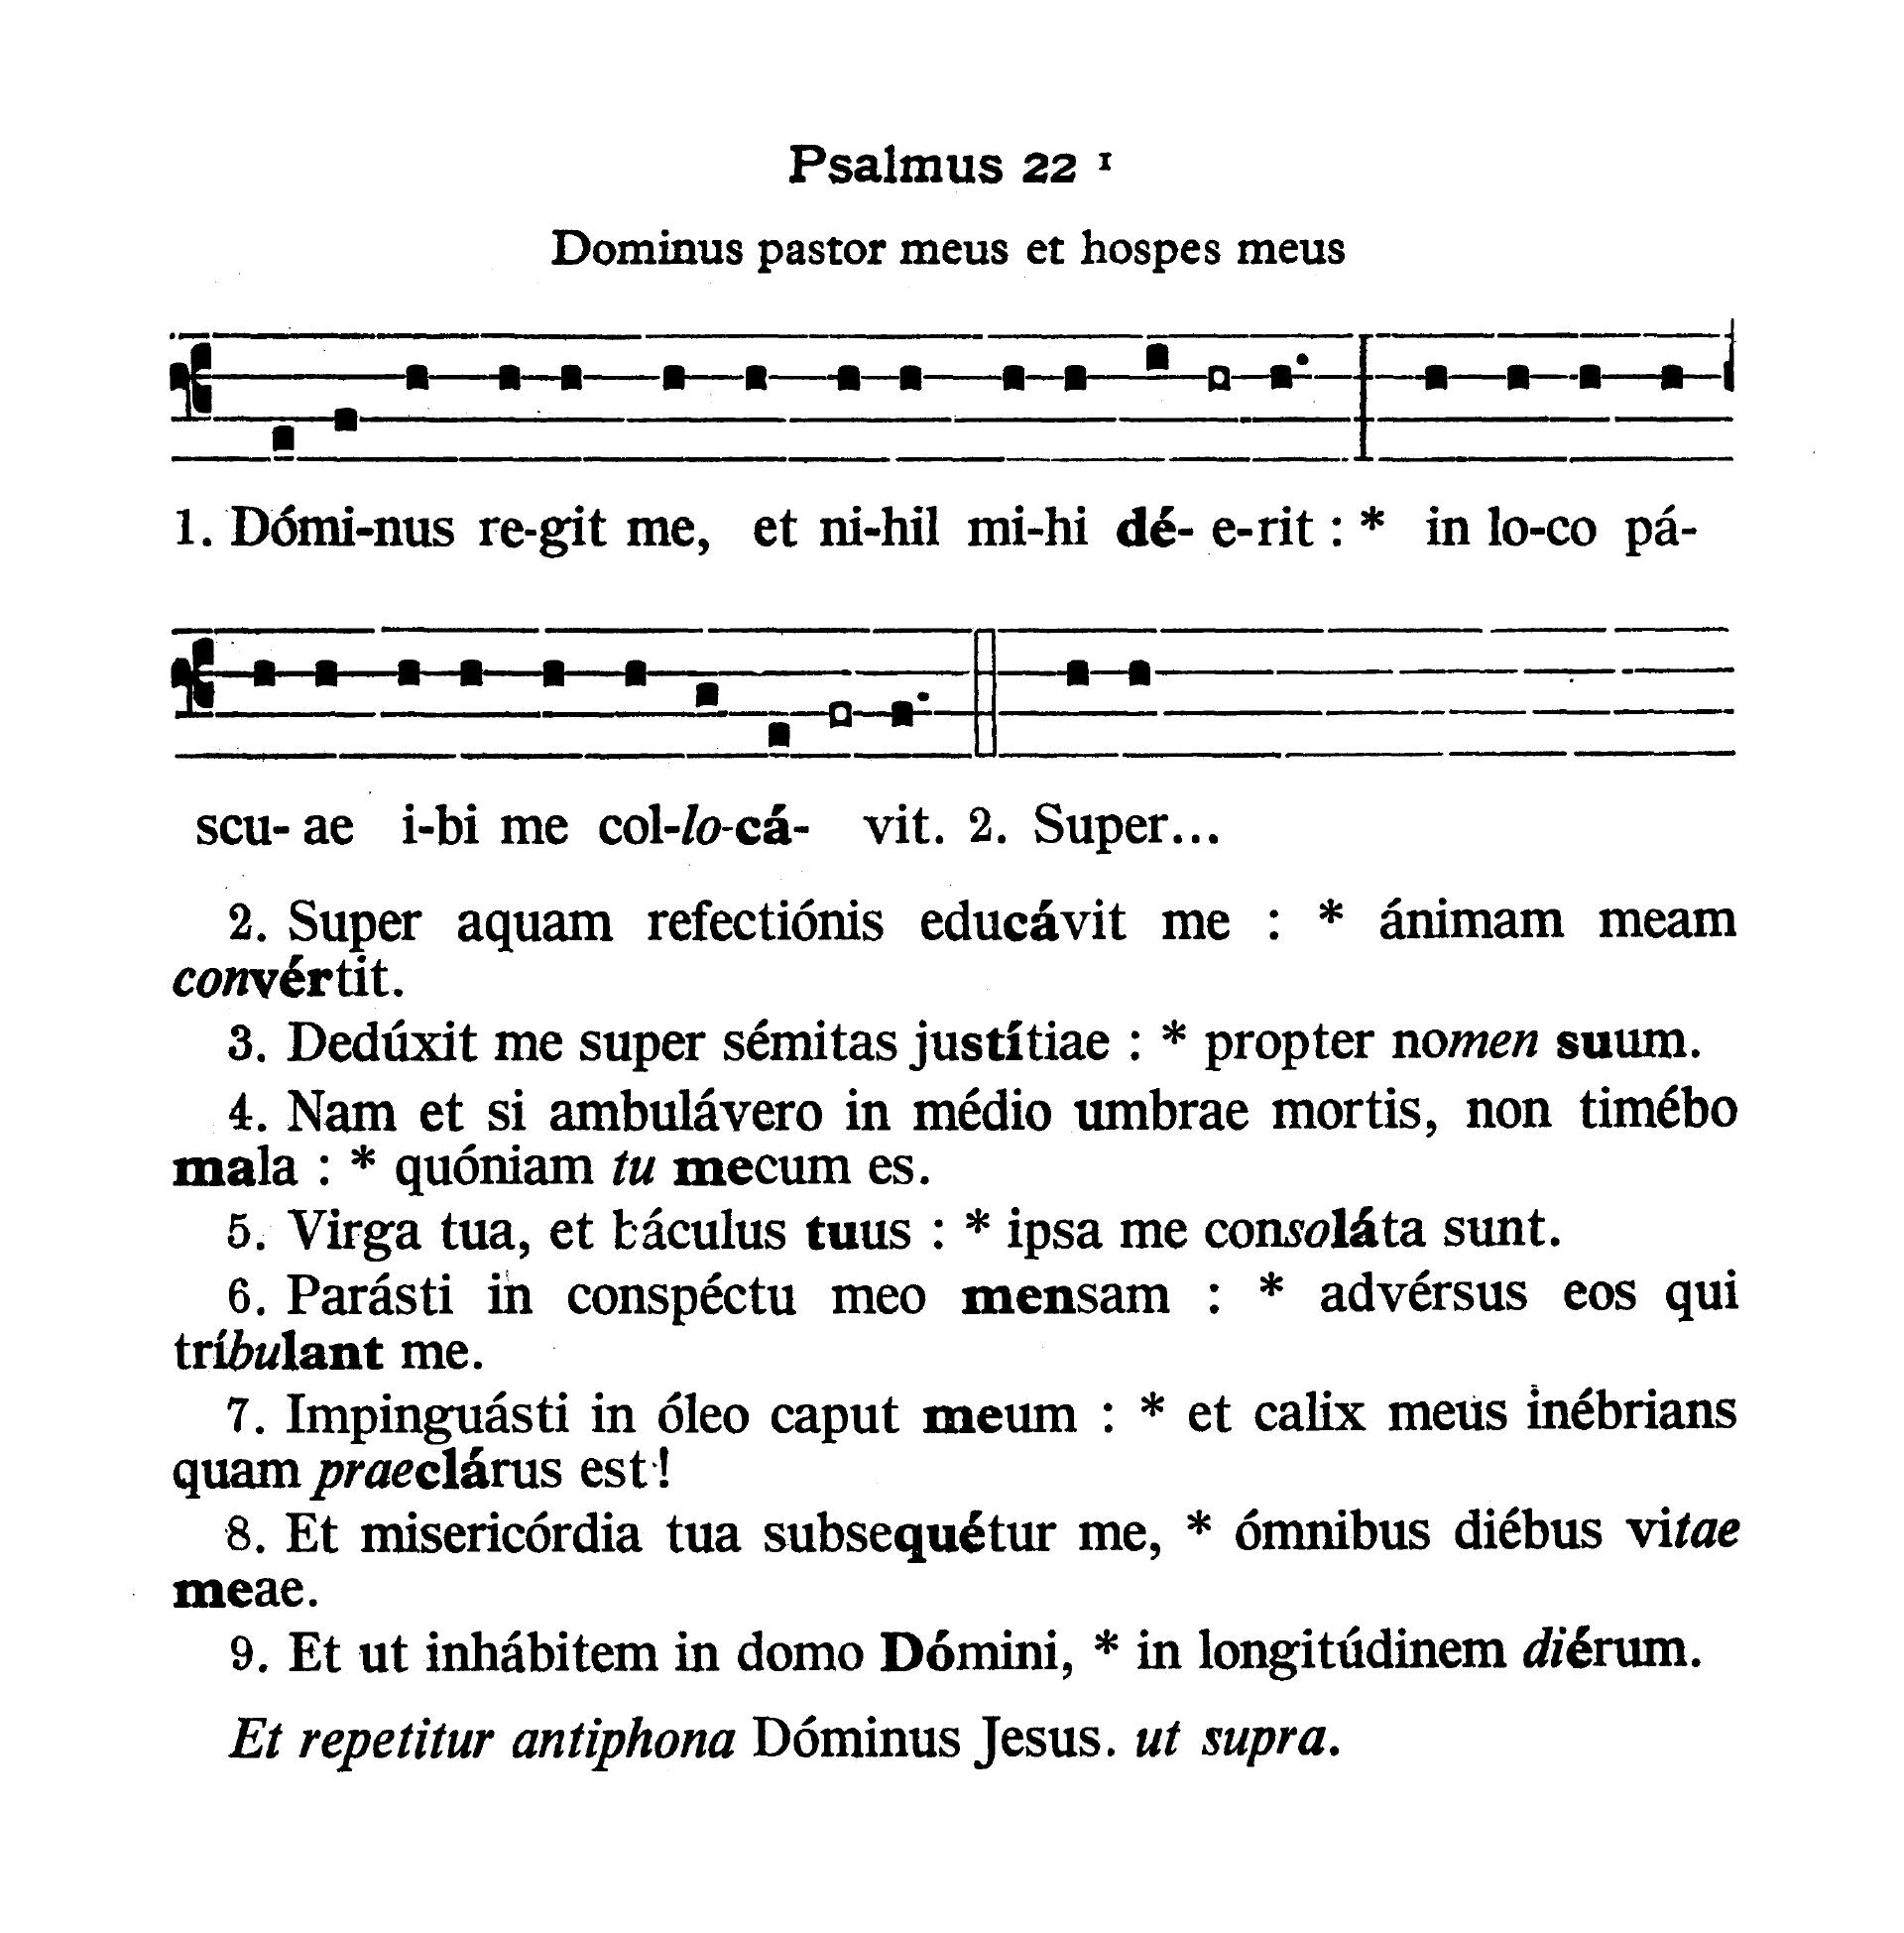 Feria V in Cena Domini (Holy Thursday) - Psalmus (Dominus regit me)